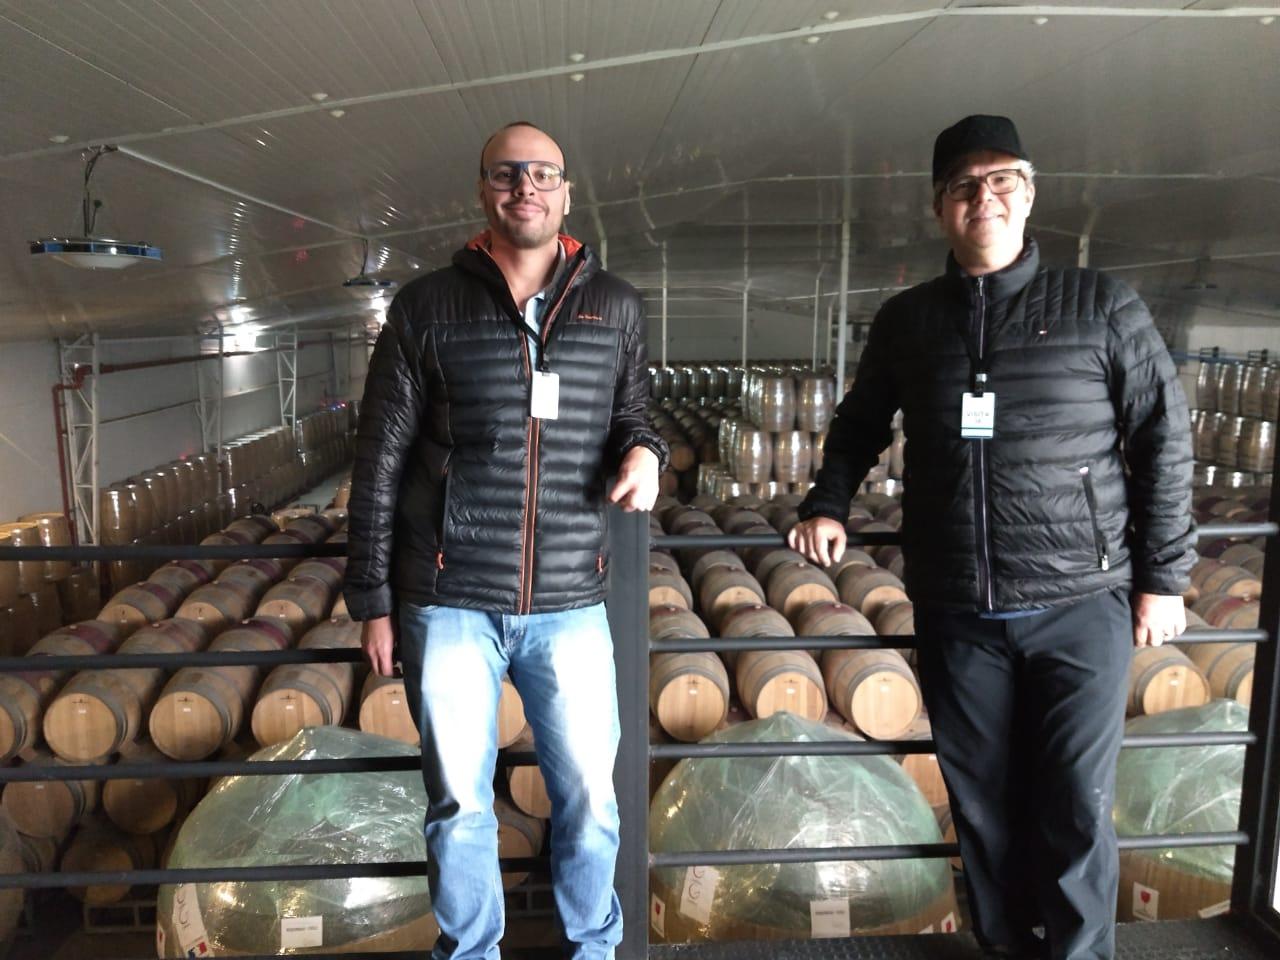 Mercado de vinhos celebra expansão recorde em 2020